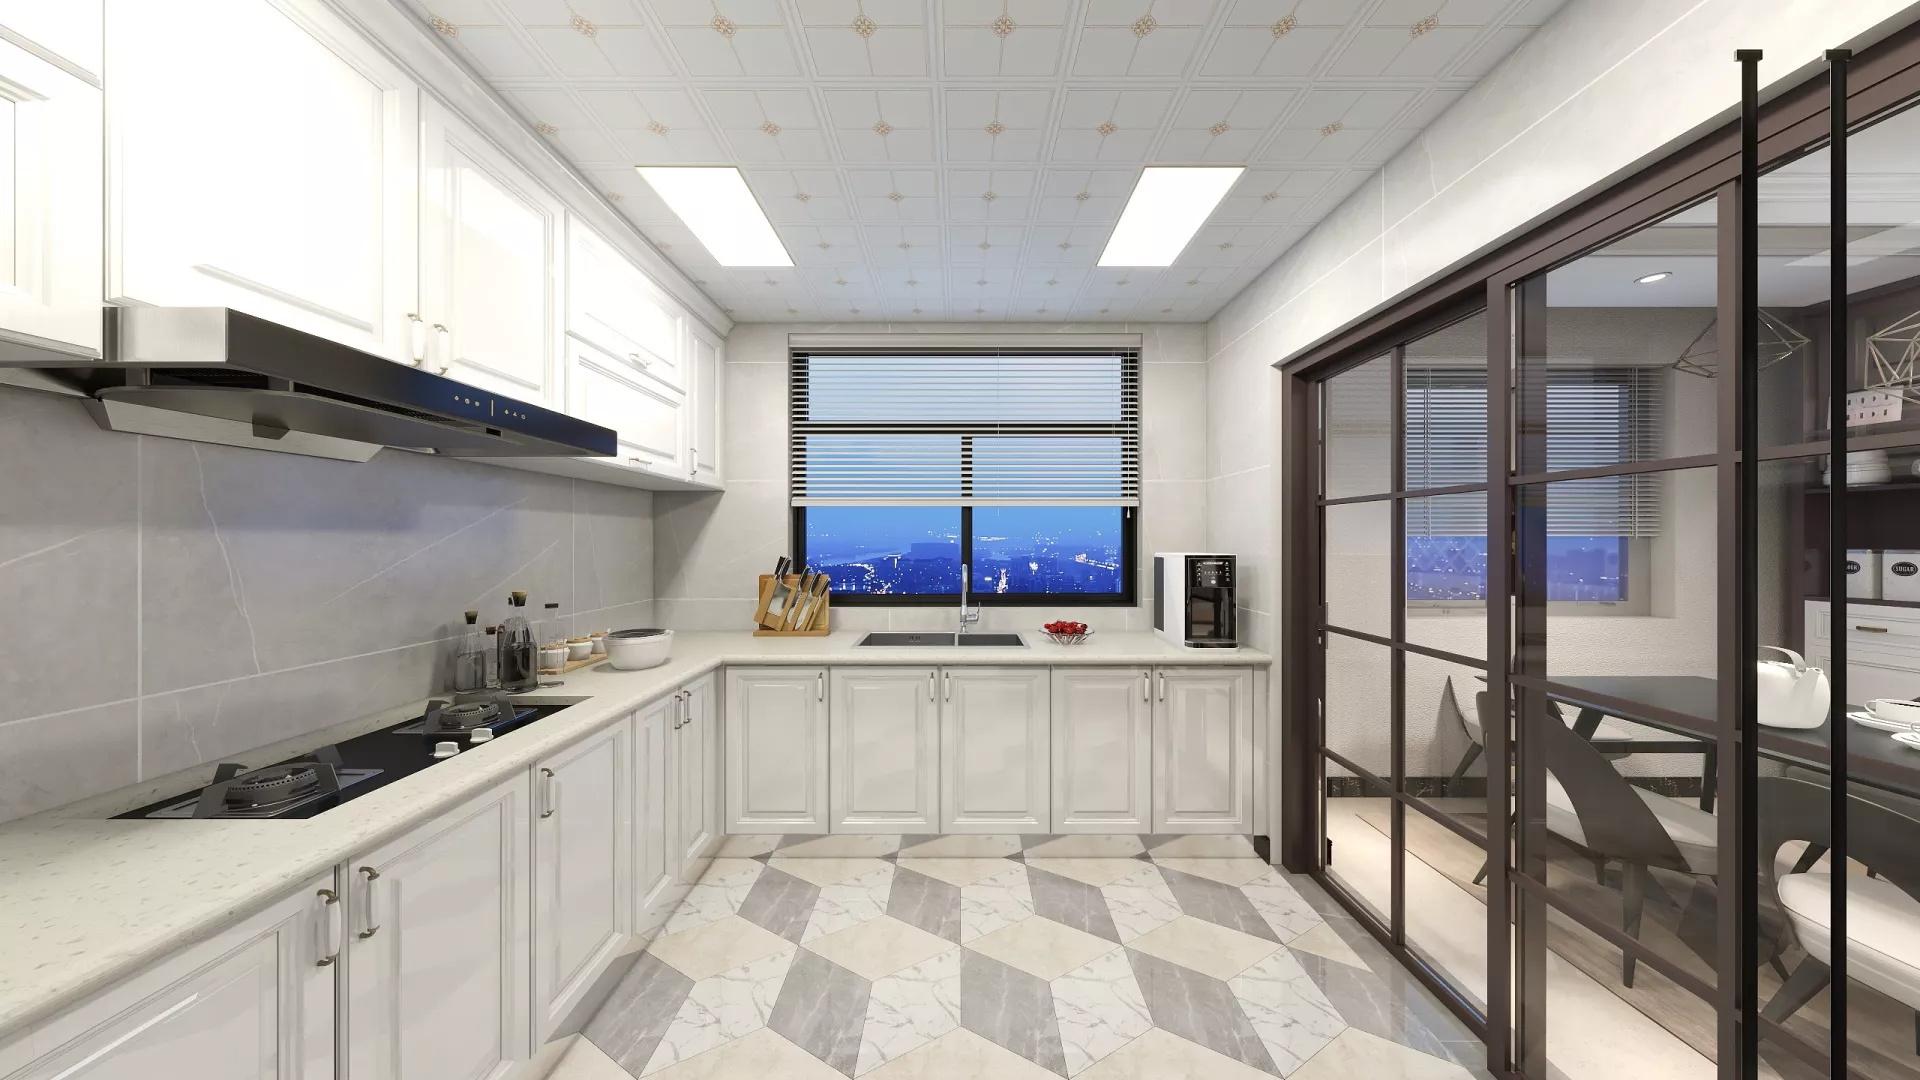 简洁温馨风格厨房装修效果图